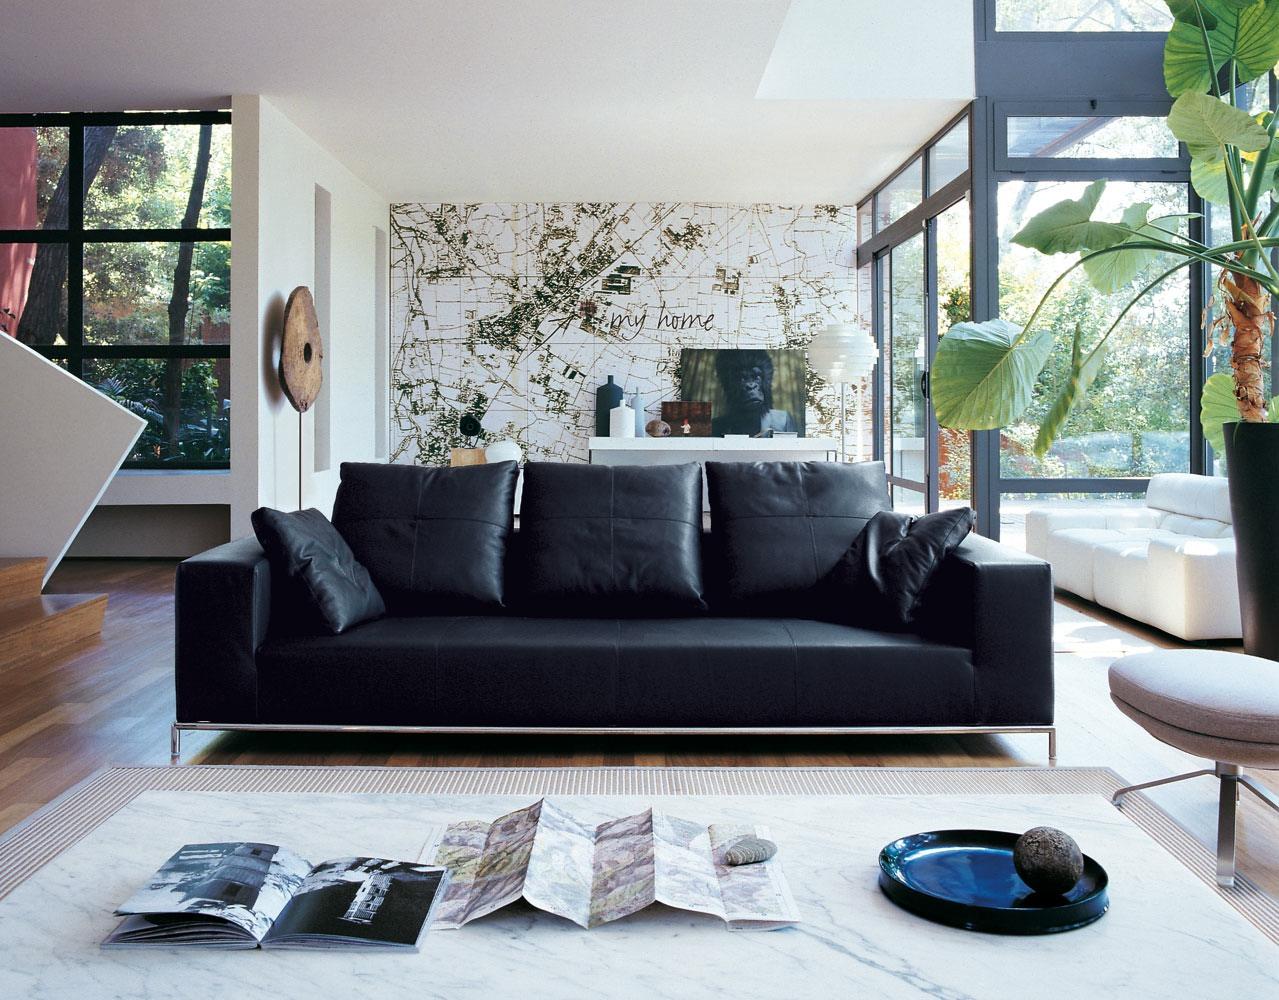 Черный диван в интерьере дома